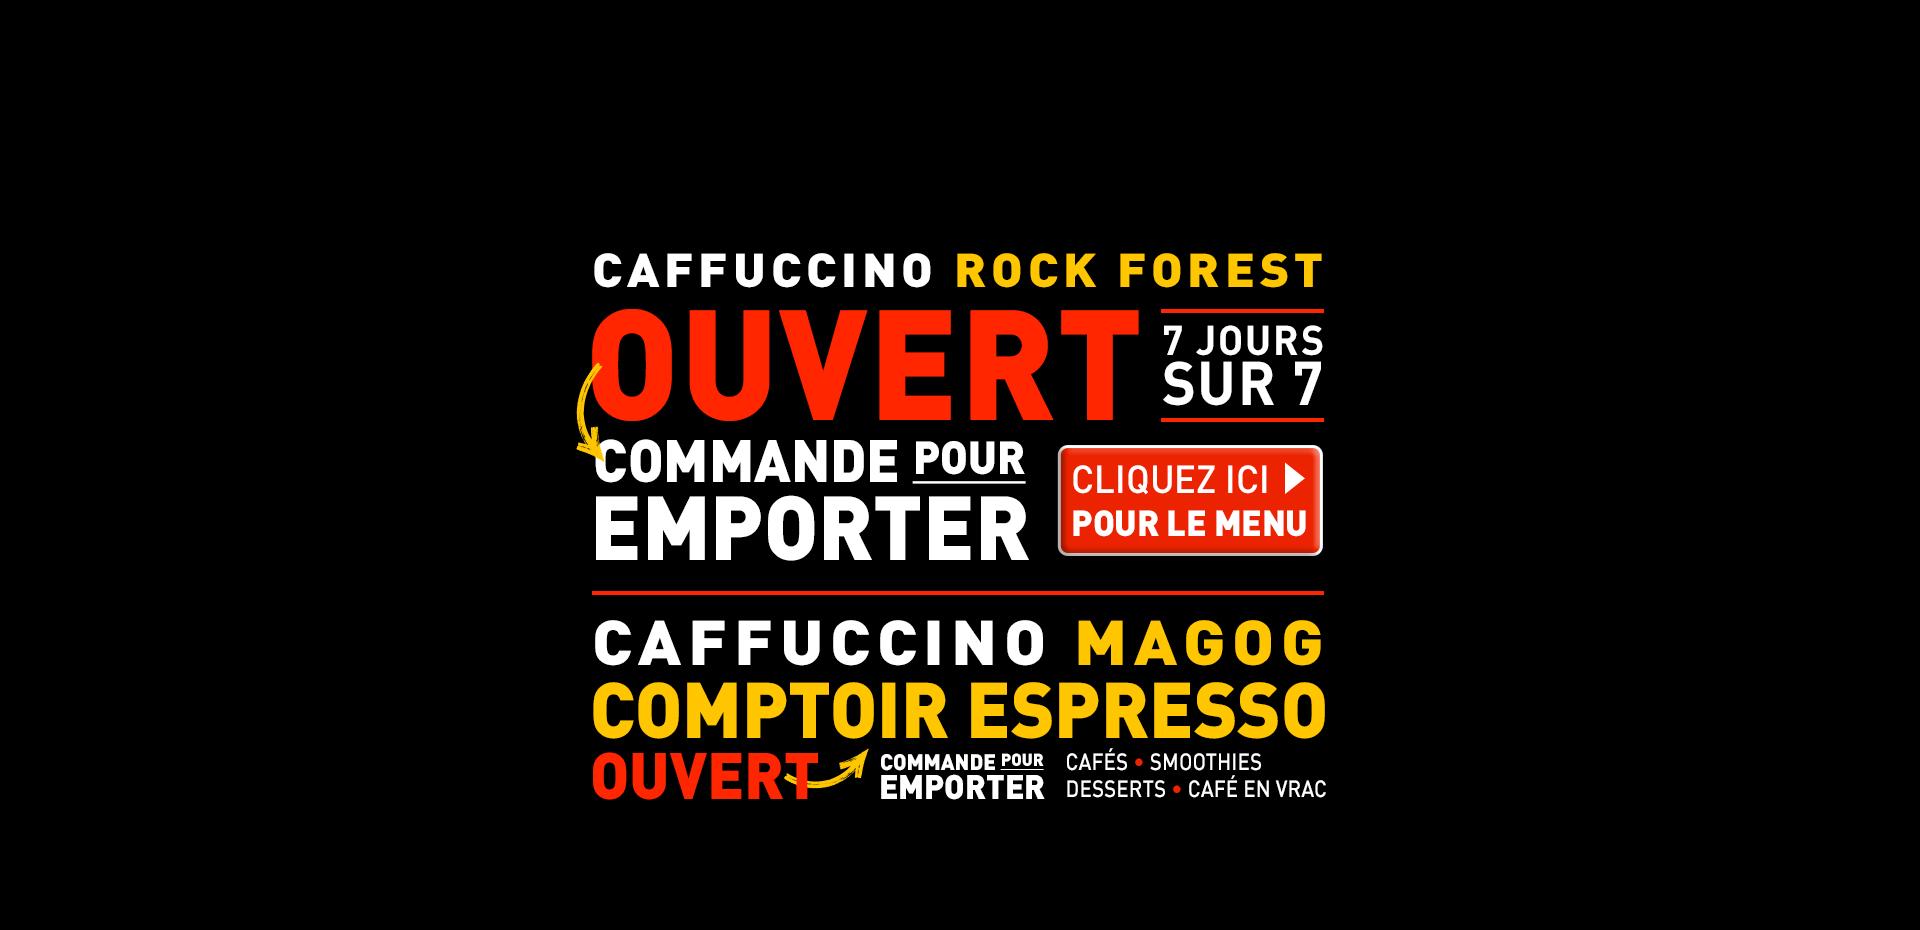 Caffuccino_ImageAccueil_OuvertRF-Magog_PourEmporter_210111